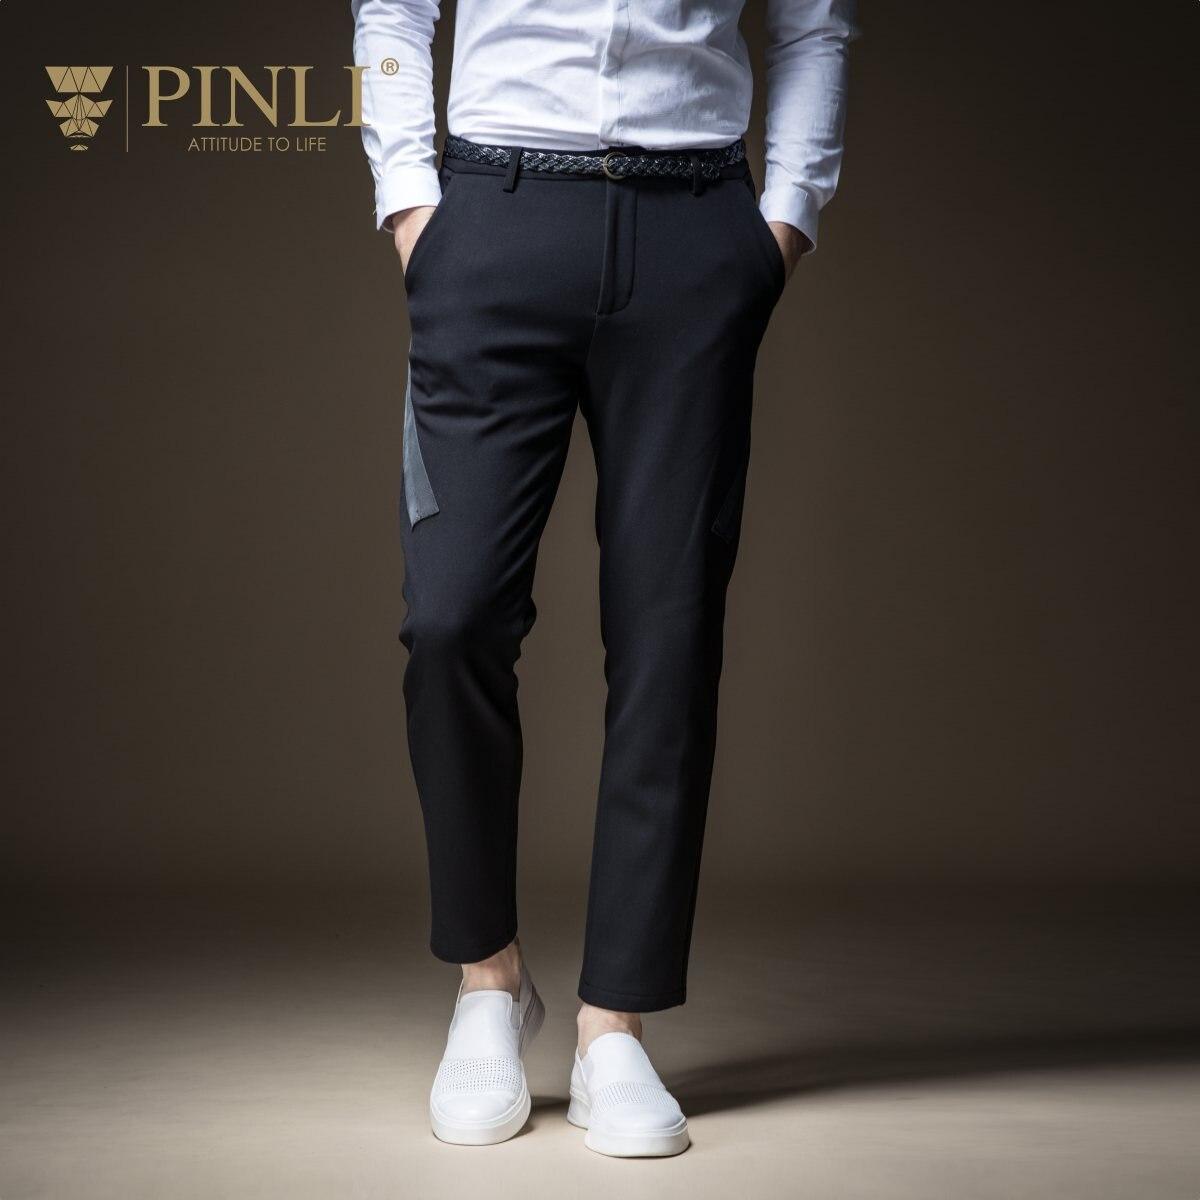 Брюки Для мужчин распродажа Pinli продукт, сделанный осень 2018 Новый Для мужчин культивировать нравственность досуг брюки B183517488 бархат утолще...